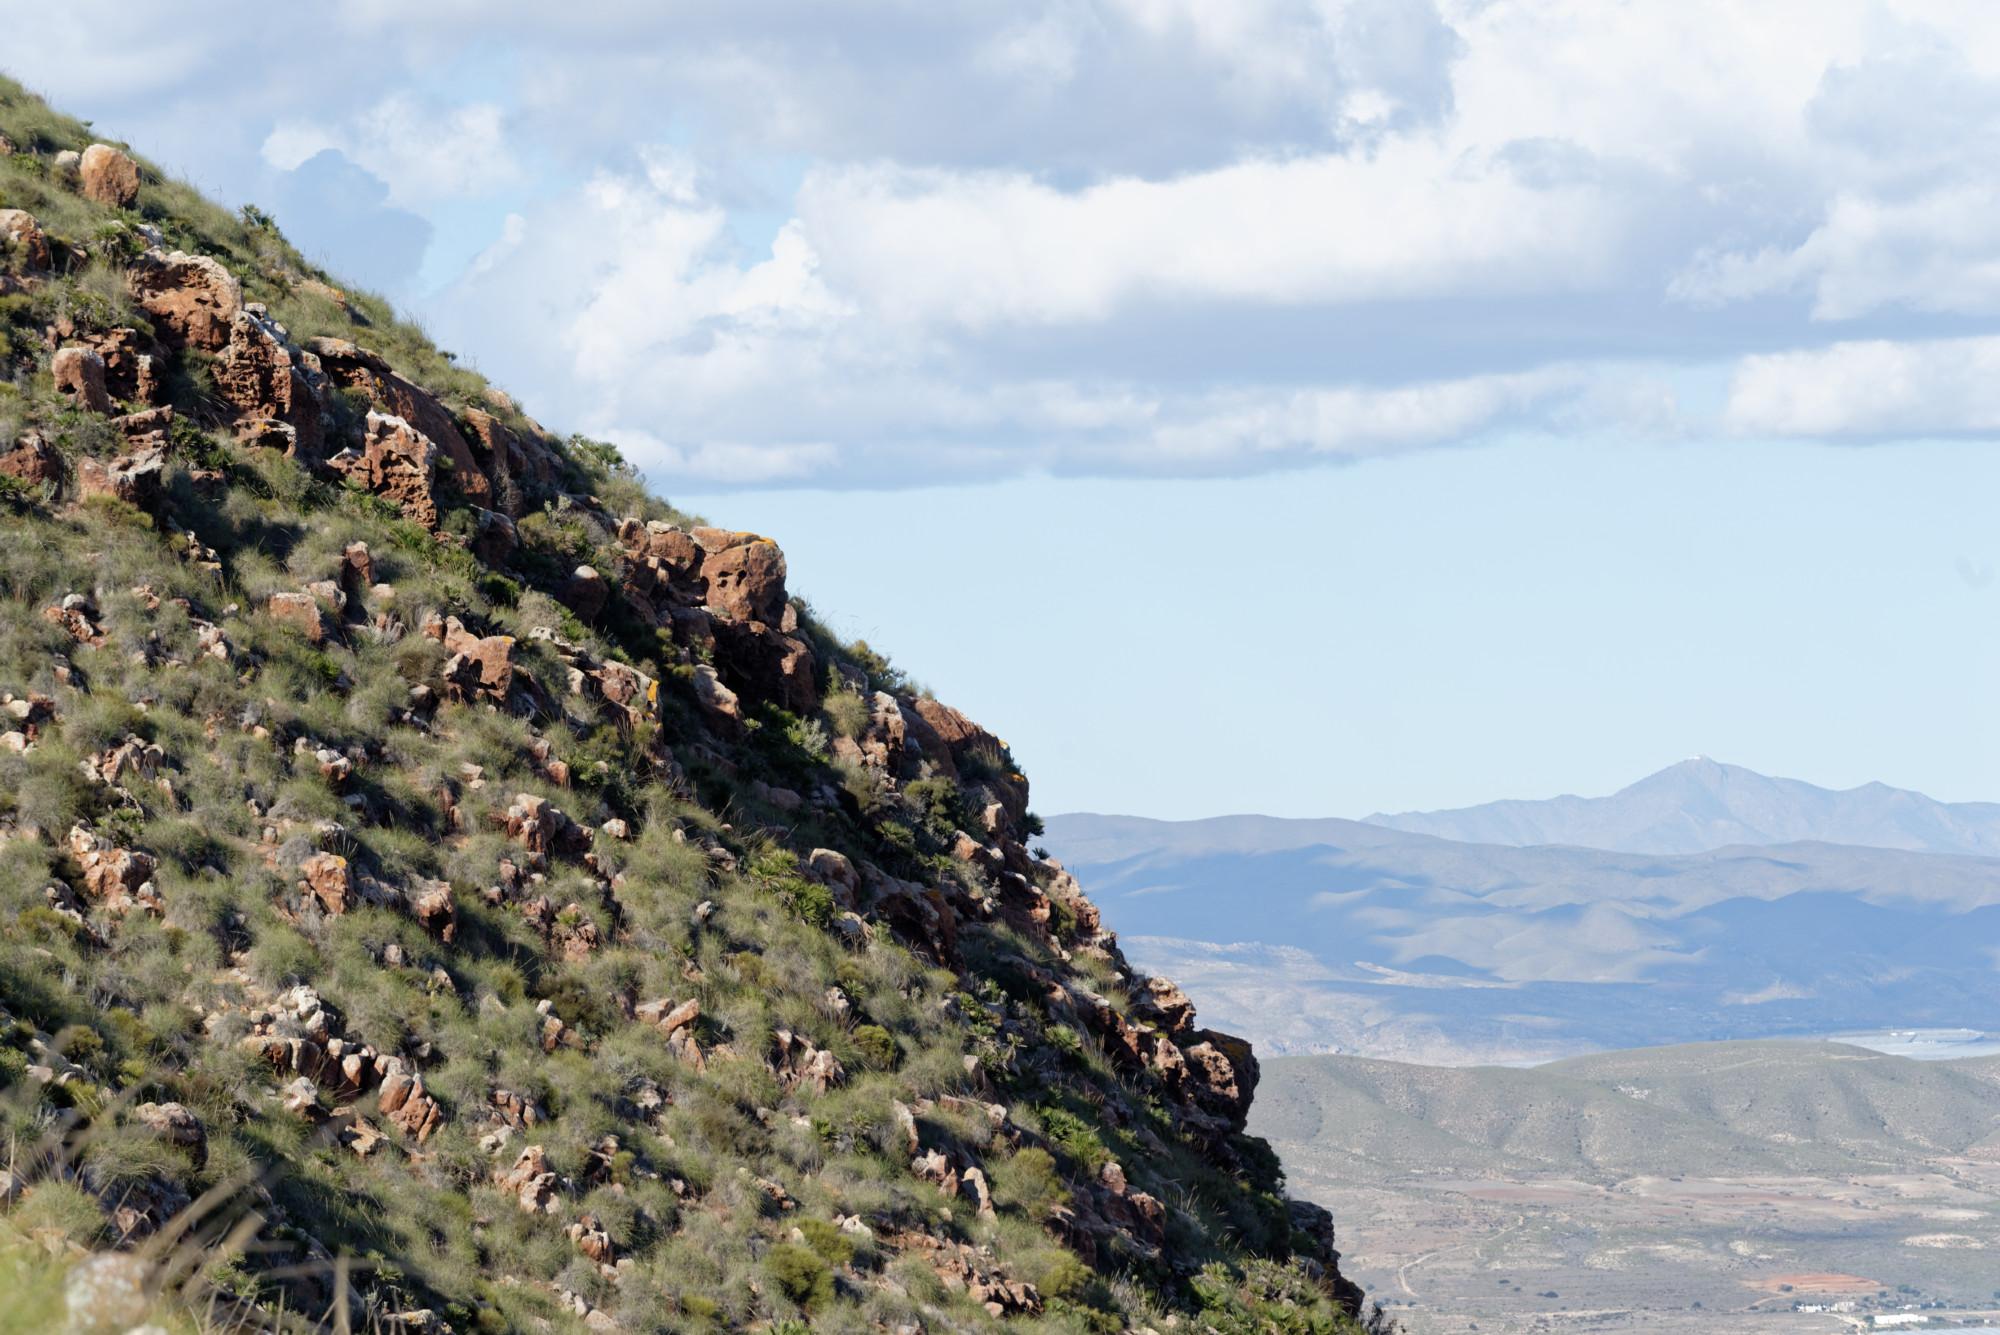 171212-Marche La Boca de los Frailes vers Cerro de Limones (63) (Cabo de Gata-Andalousie)